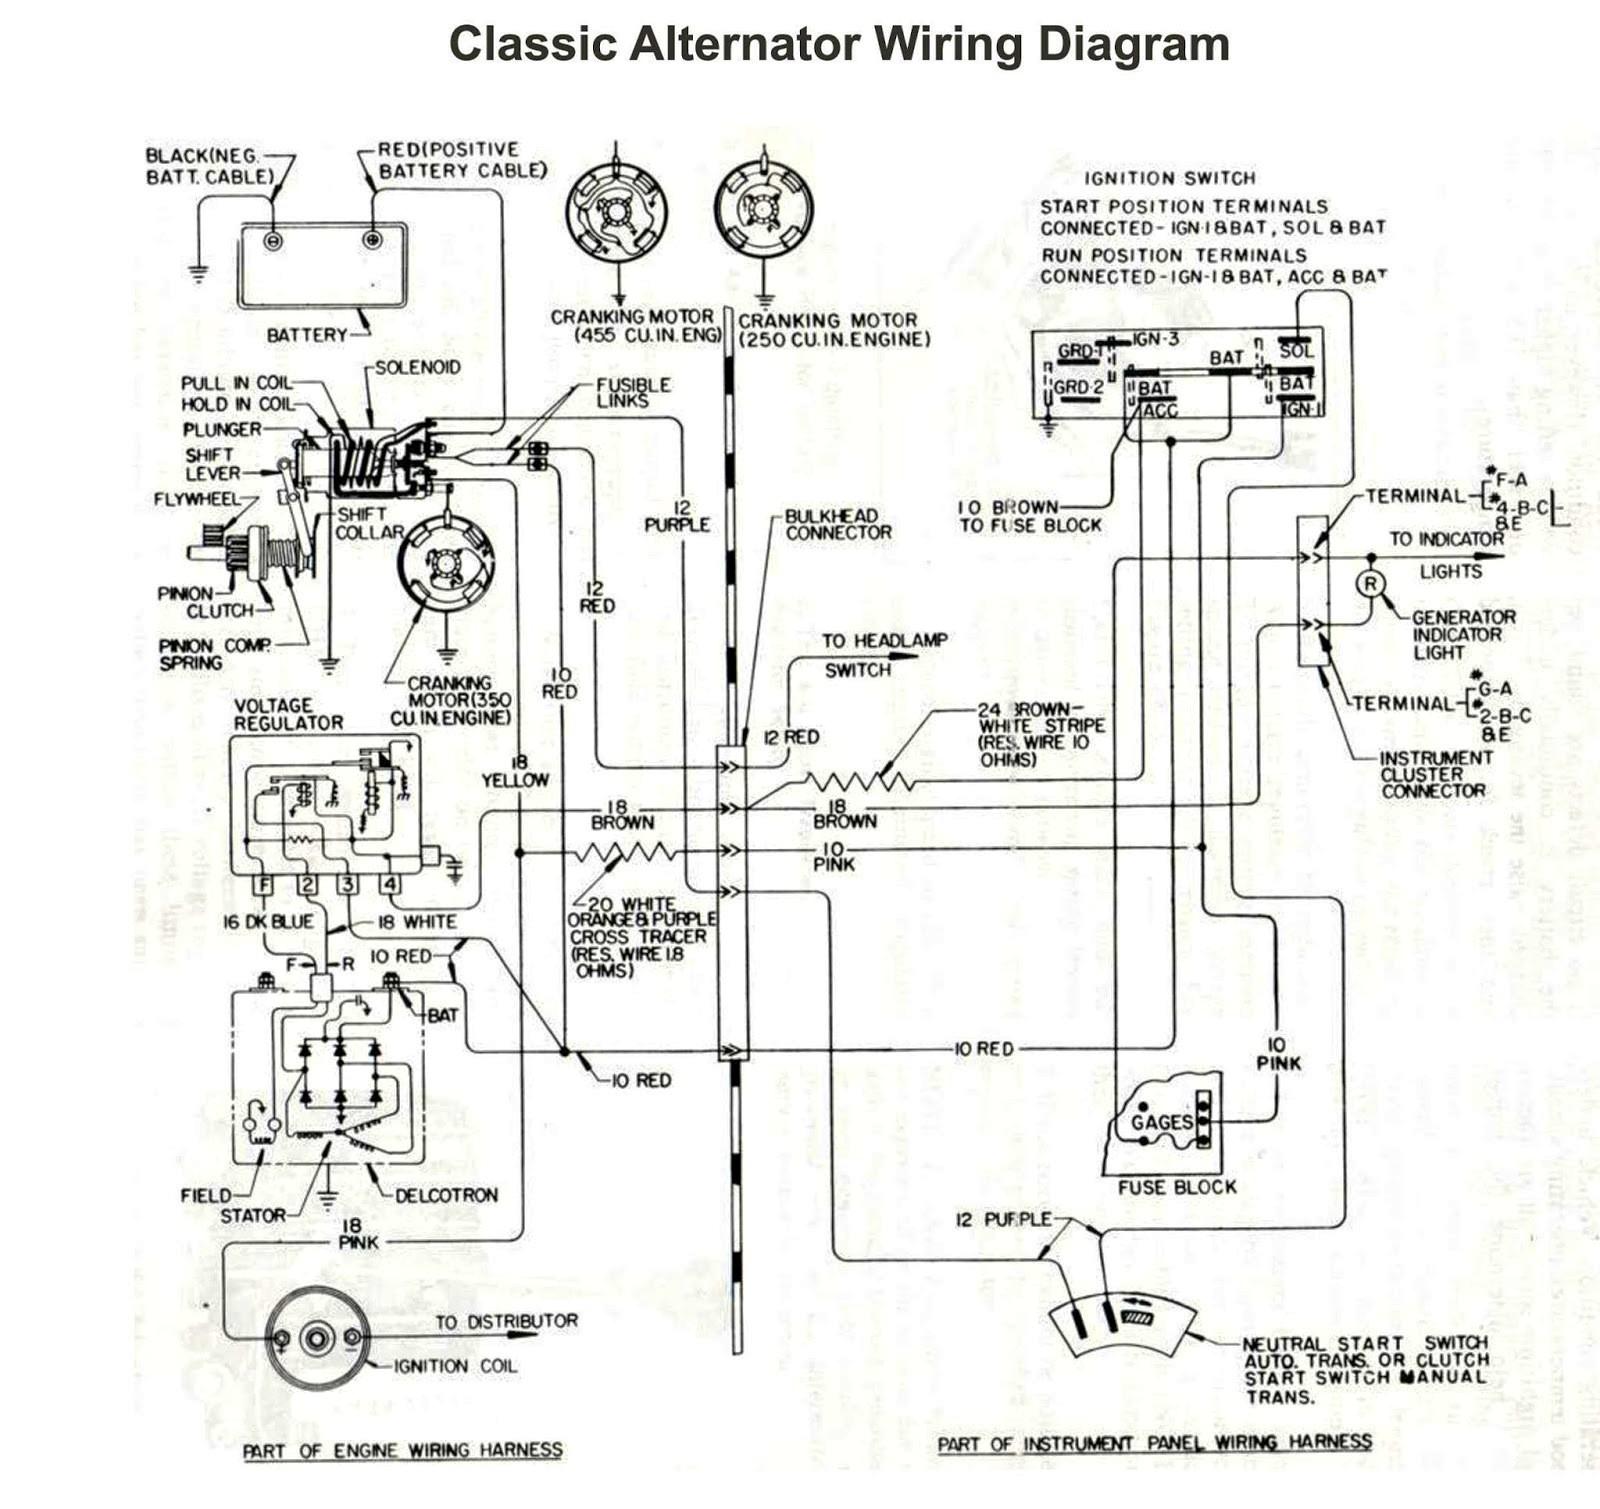 Wiring Diagram for Car Alternator Wiring Diagram 1970 ford